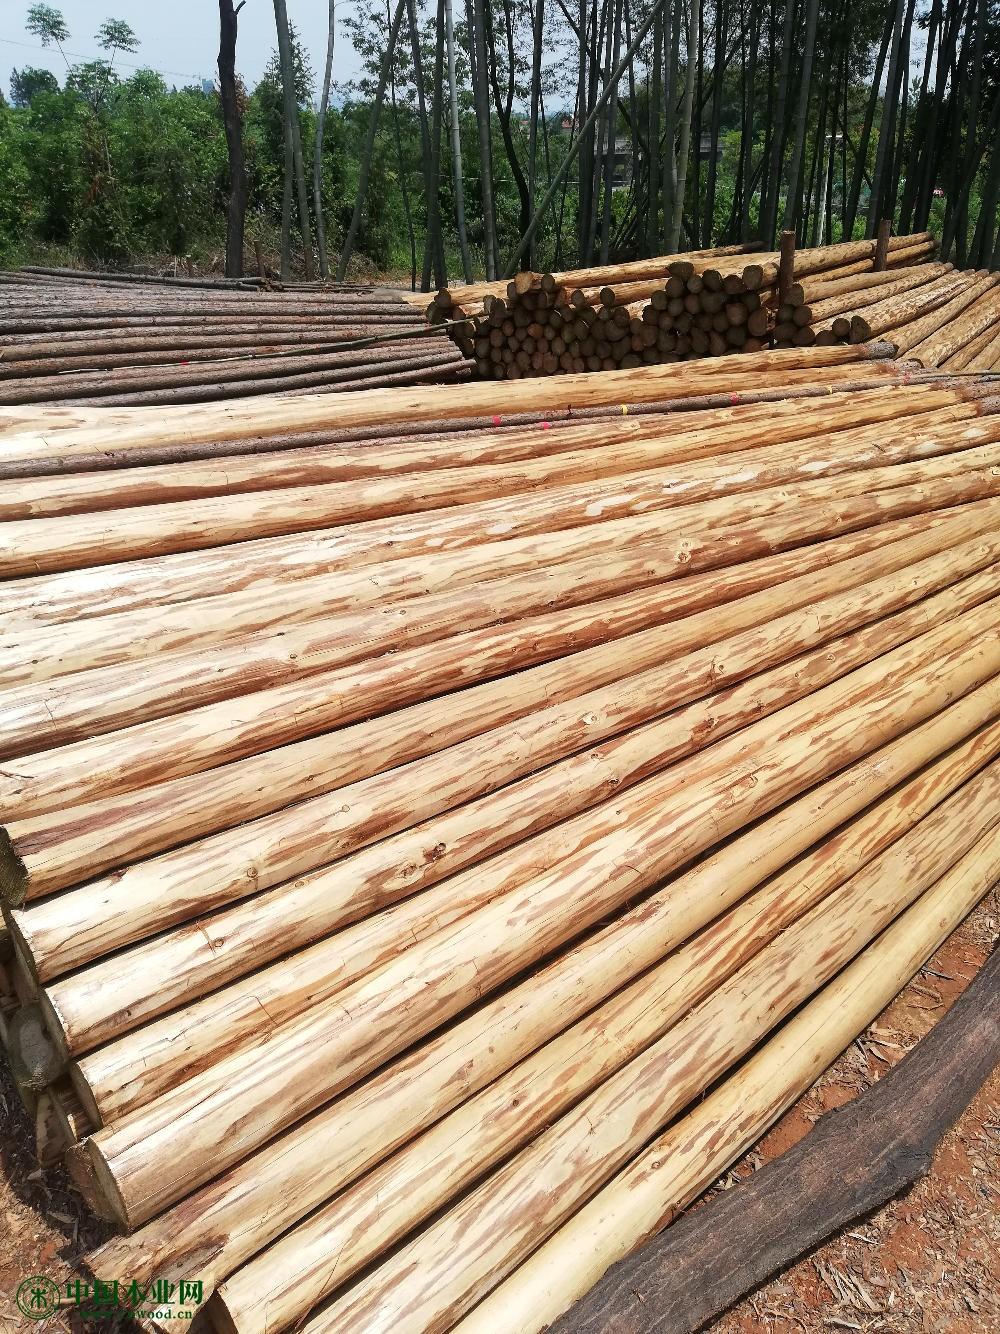 大量供应杉木原木及杉木制品